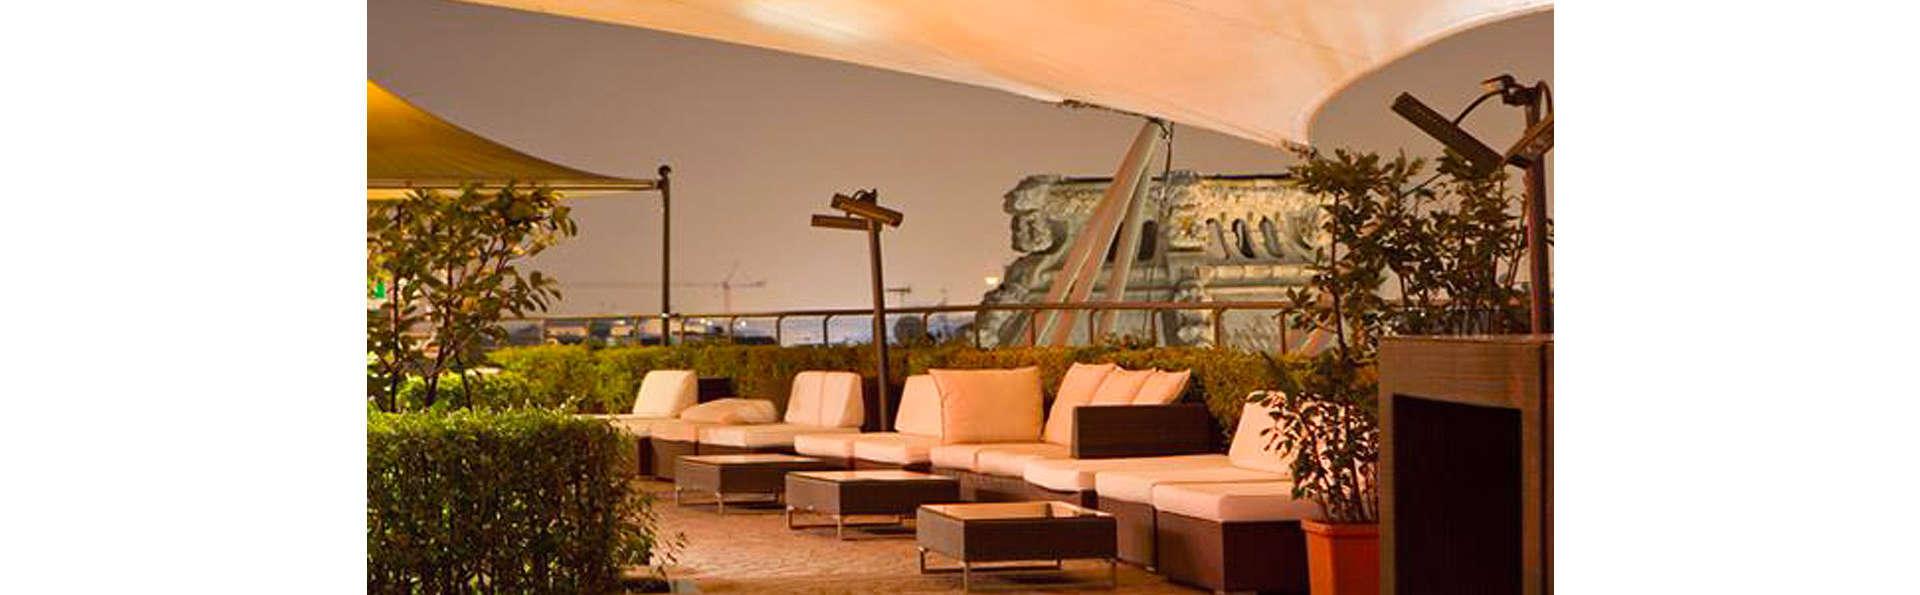 Hotel dei Cavalieri - EDIT_TERRACE_01.jpg